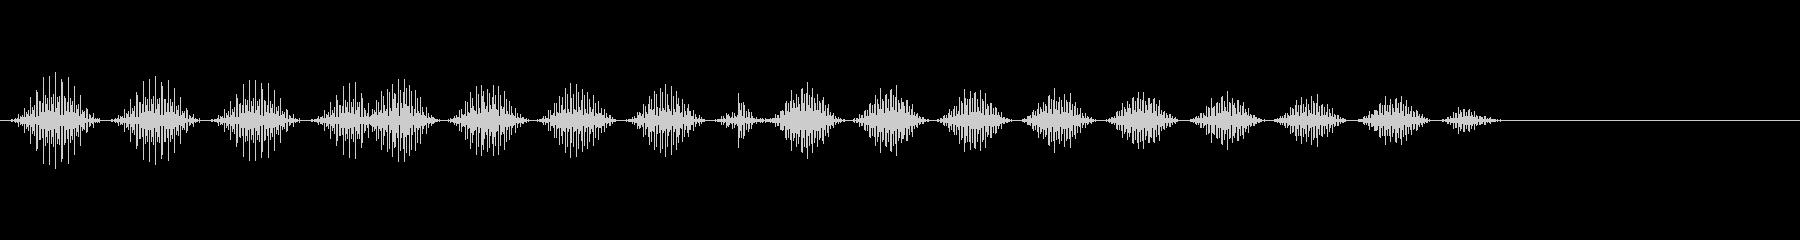 ピピ:デジタルデバイス、テキストの描写への未再生の波形